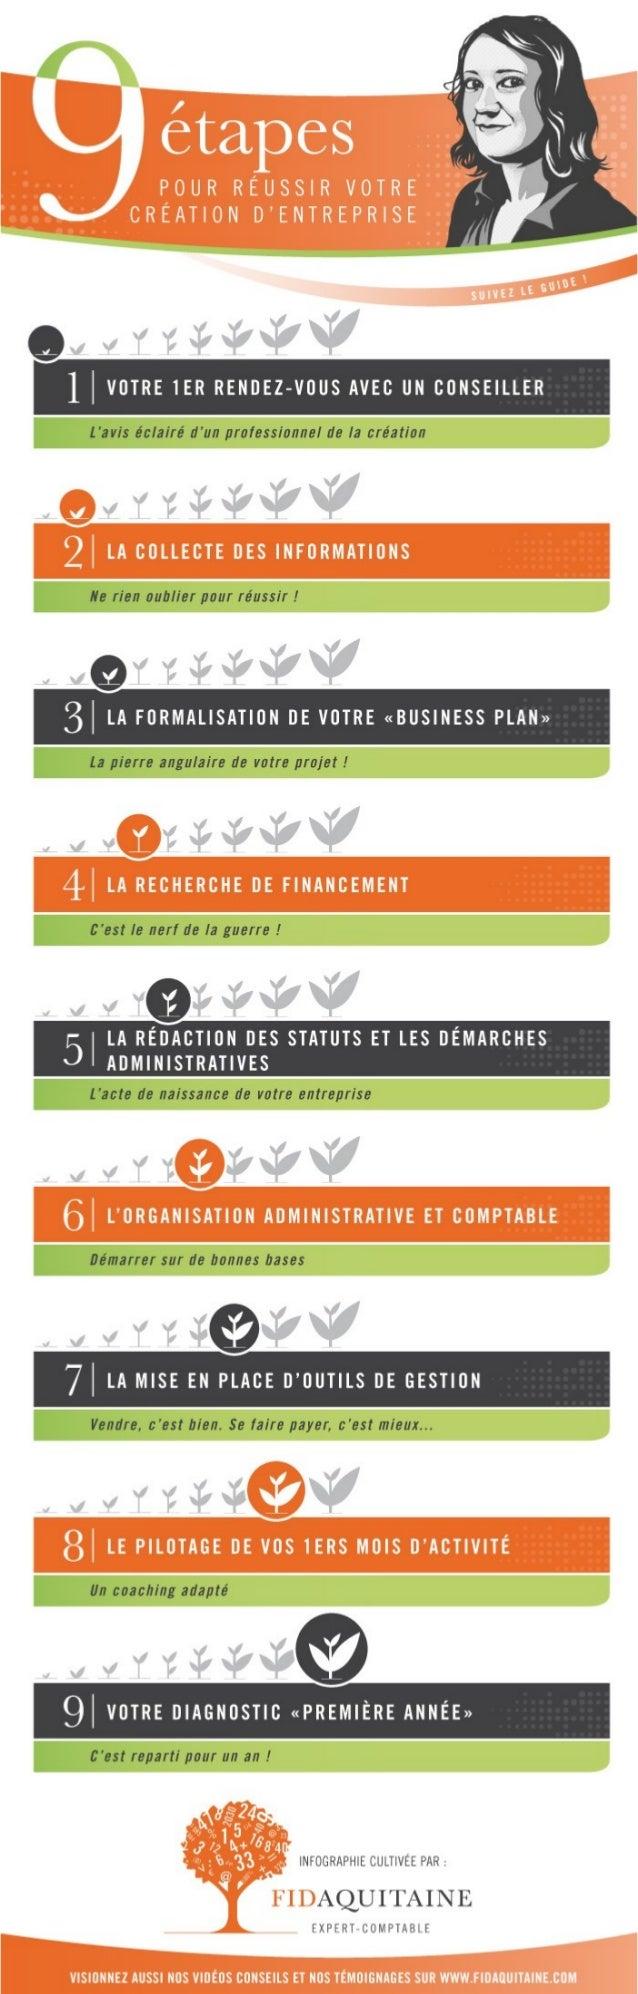 Les 9 étapes pour réussir votre création d'entreprise !